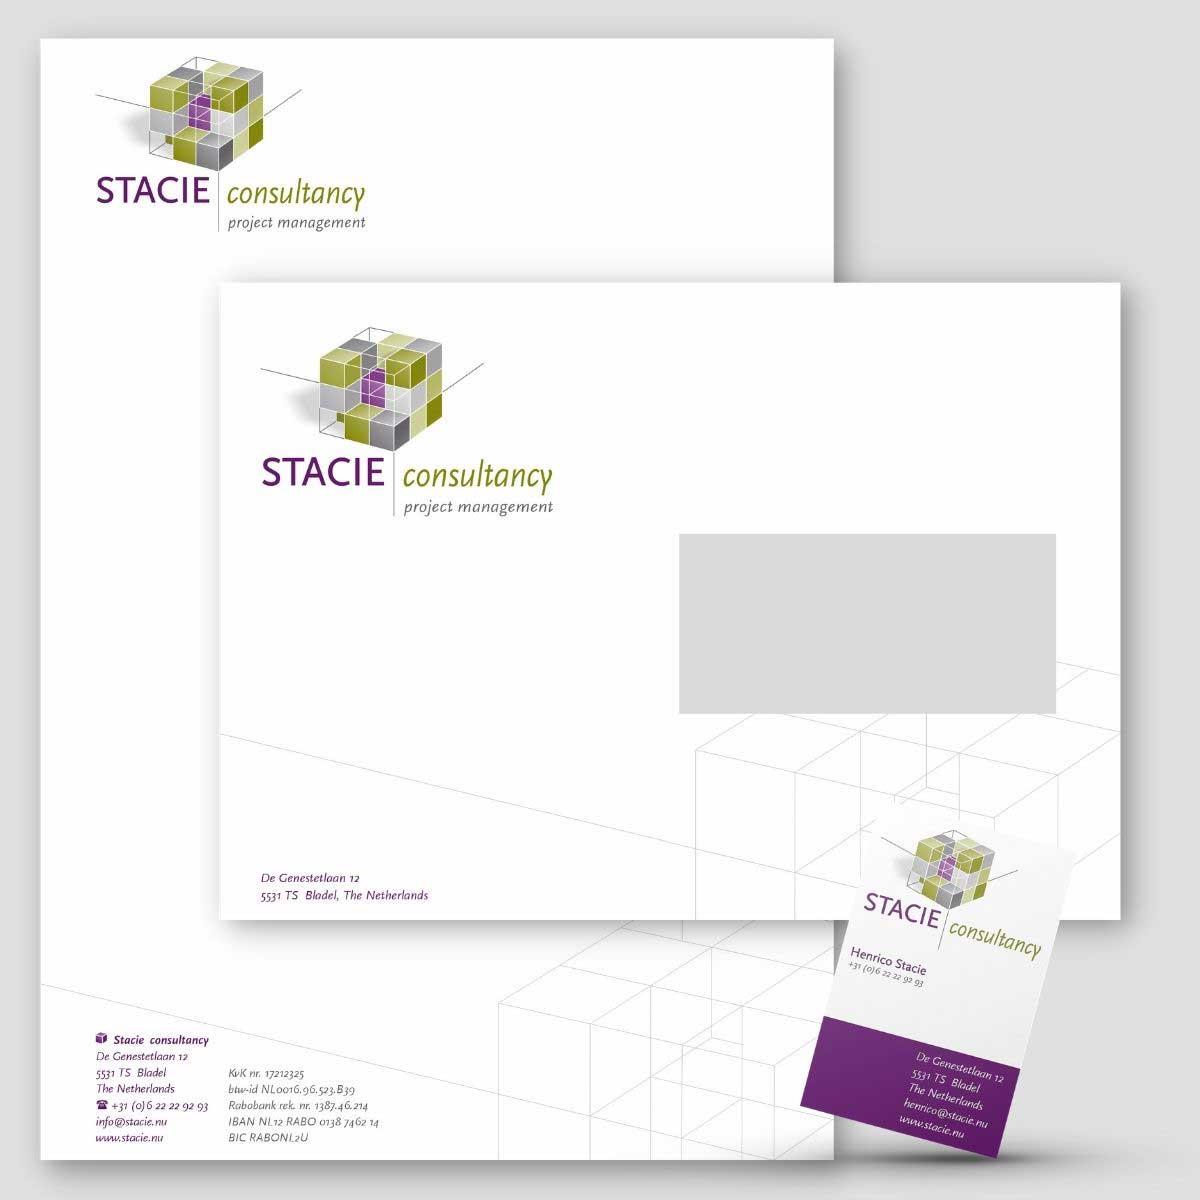 Ontwerp en DTP huisstijl Stacie consultancy.